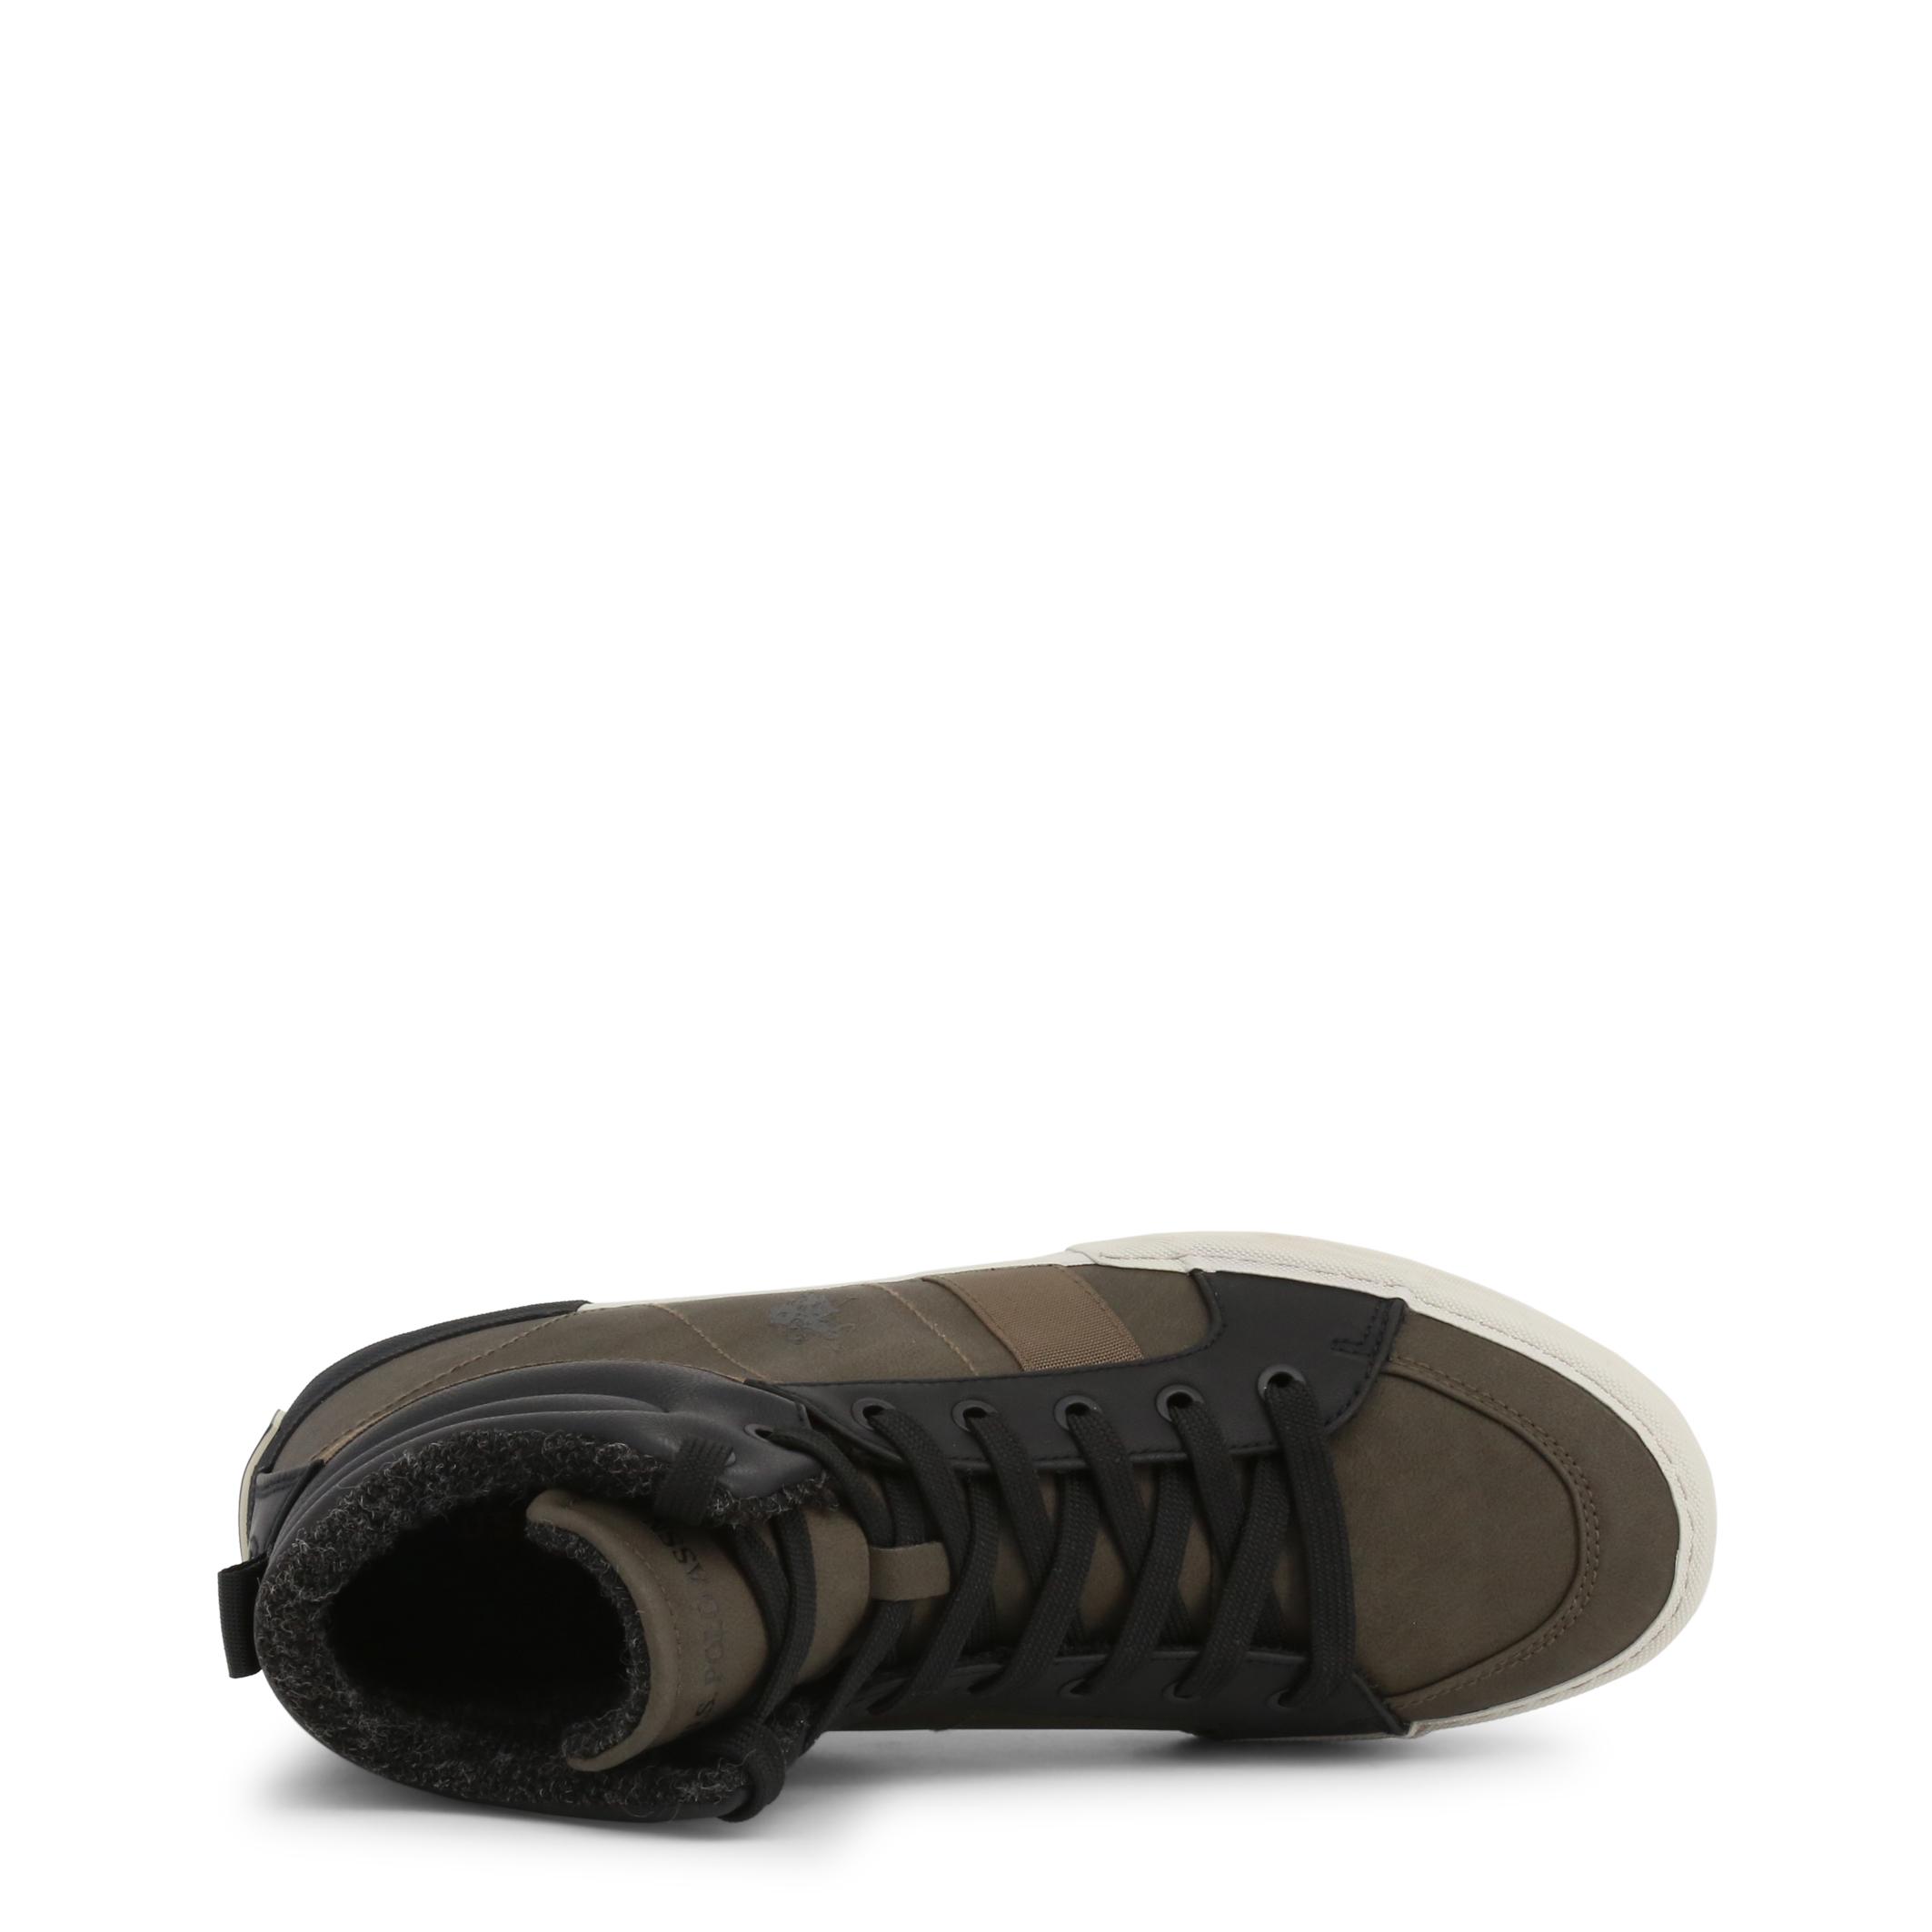 Chaussures de ville  U.S. Polo Assn. ARMAN7099W9_CY1_KAK-BLK green